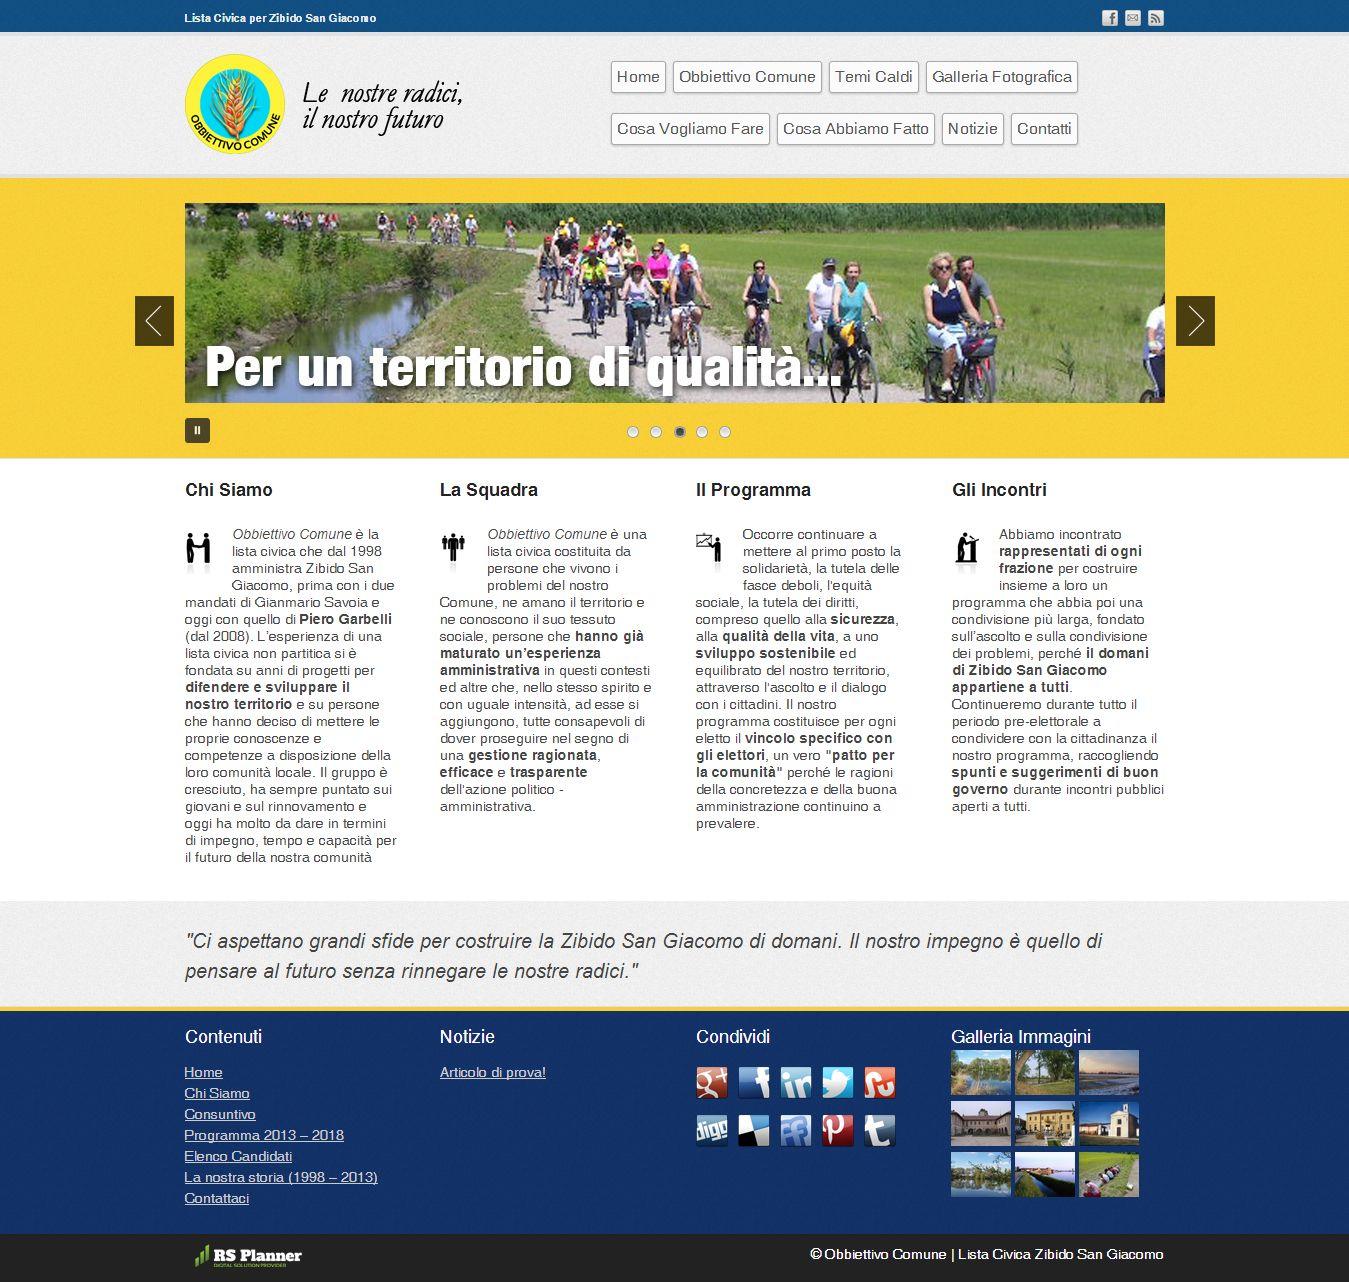 Sito web Obbiettivo Comune Zibido San Giacomo - Realizzazione siti web RS Planner